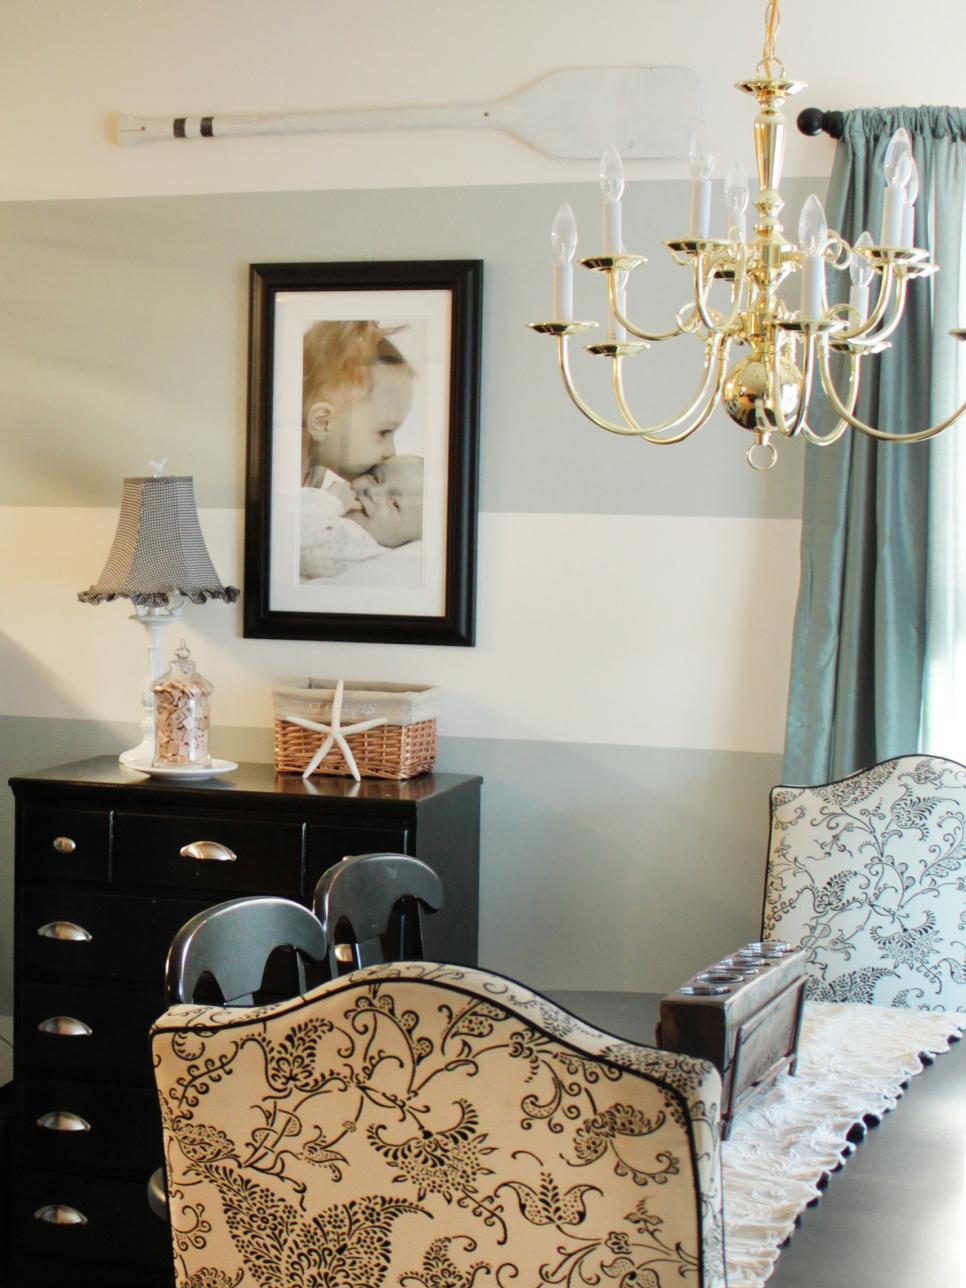 15 Dining Room Decorating Ideas | HGTV on Room Decoration Ideas  id=85074